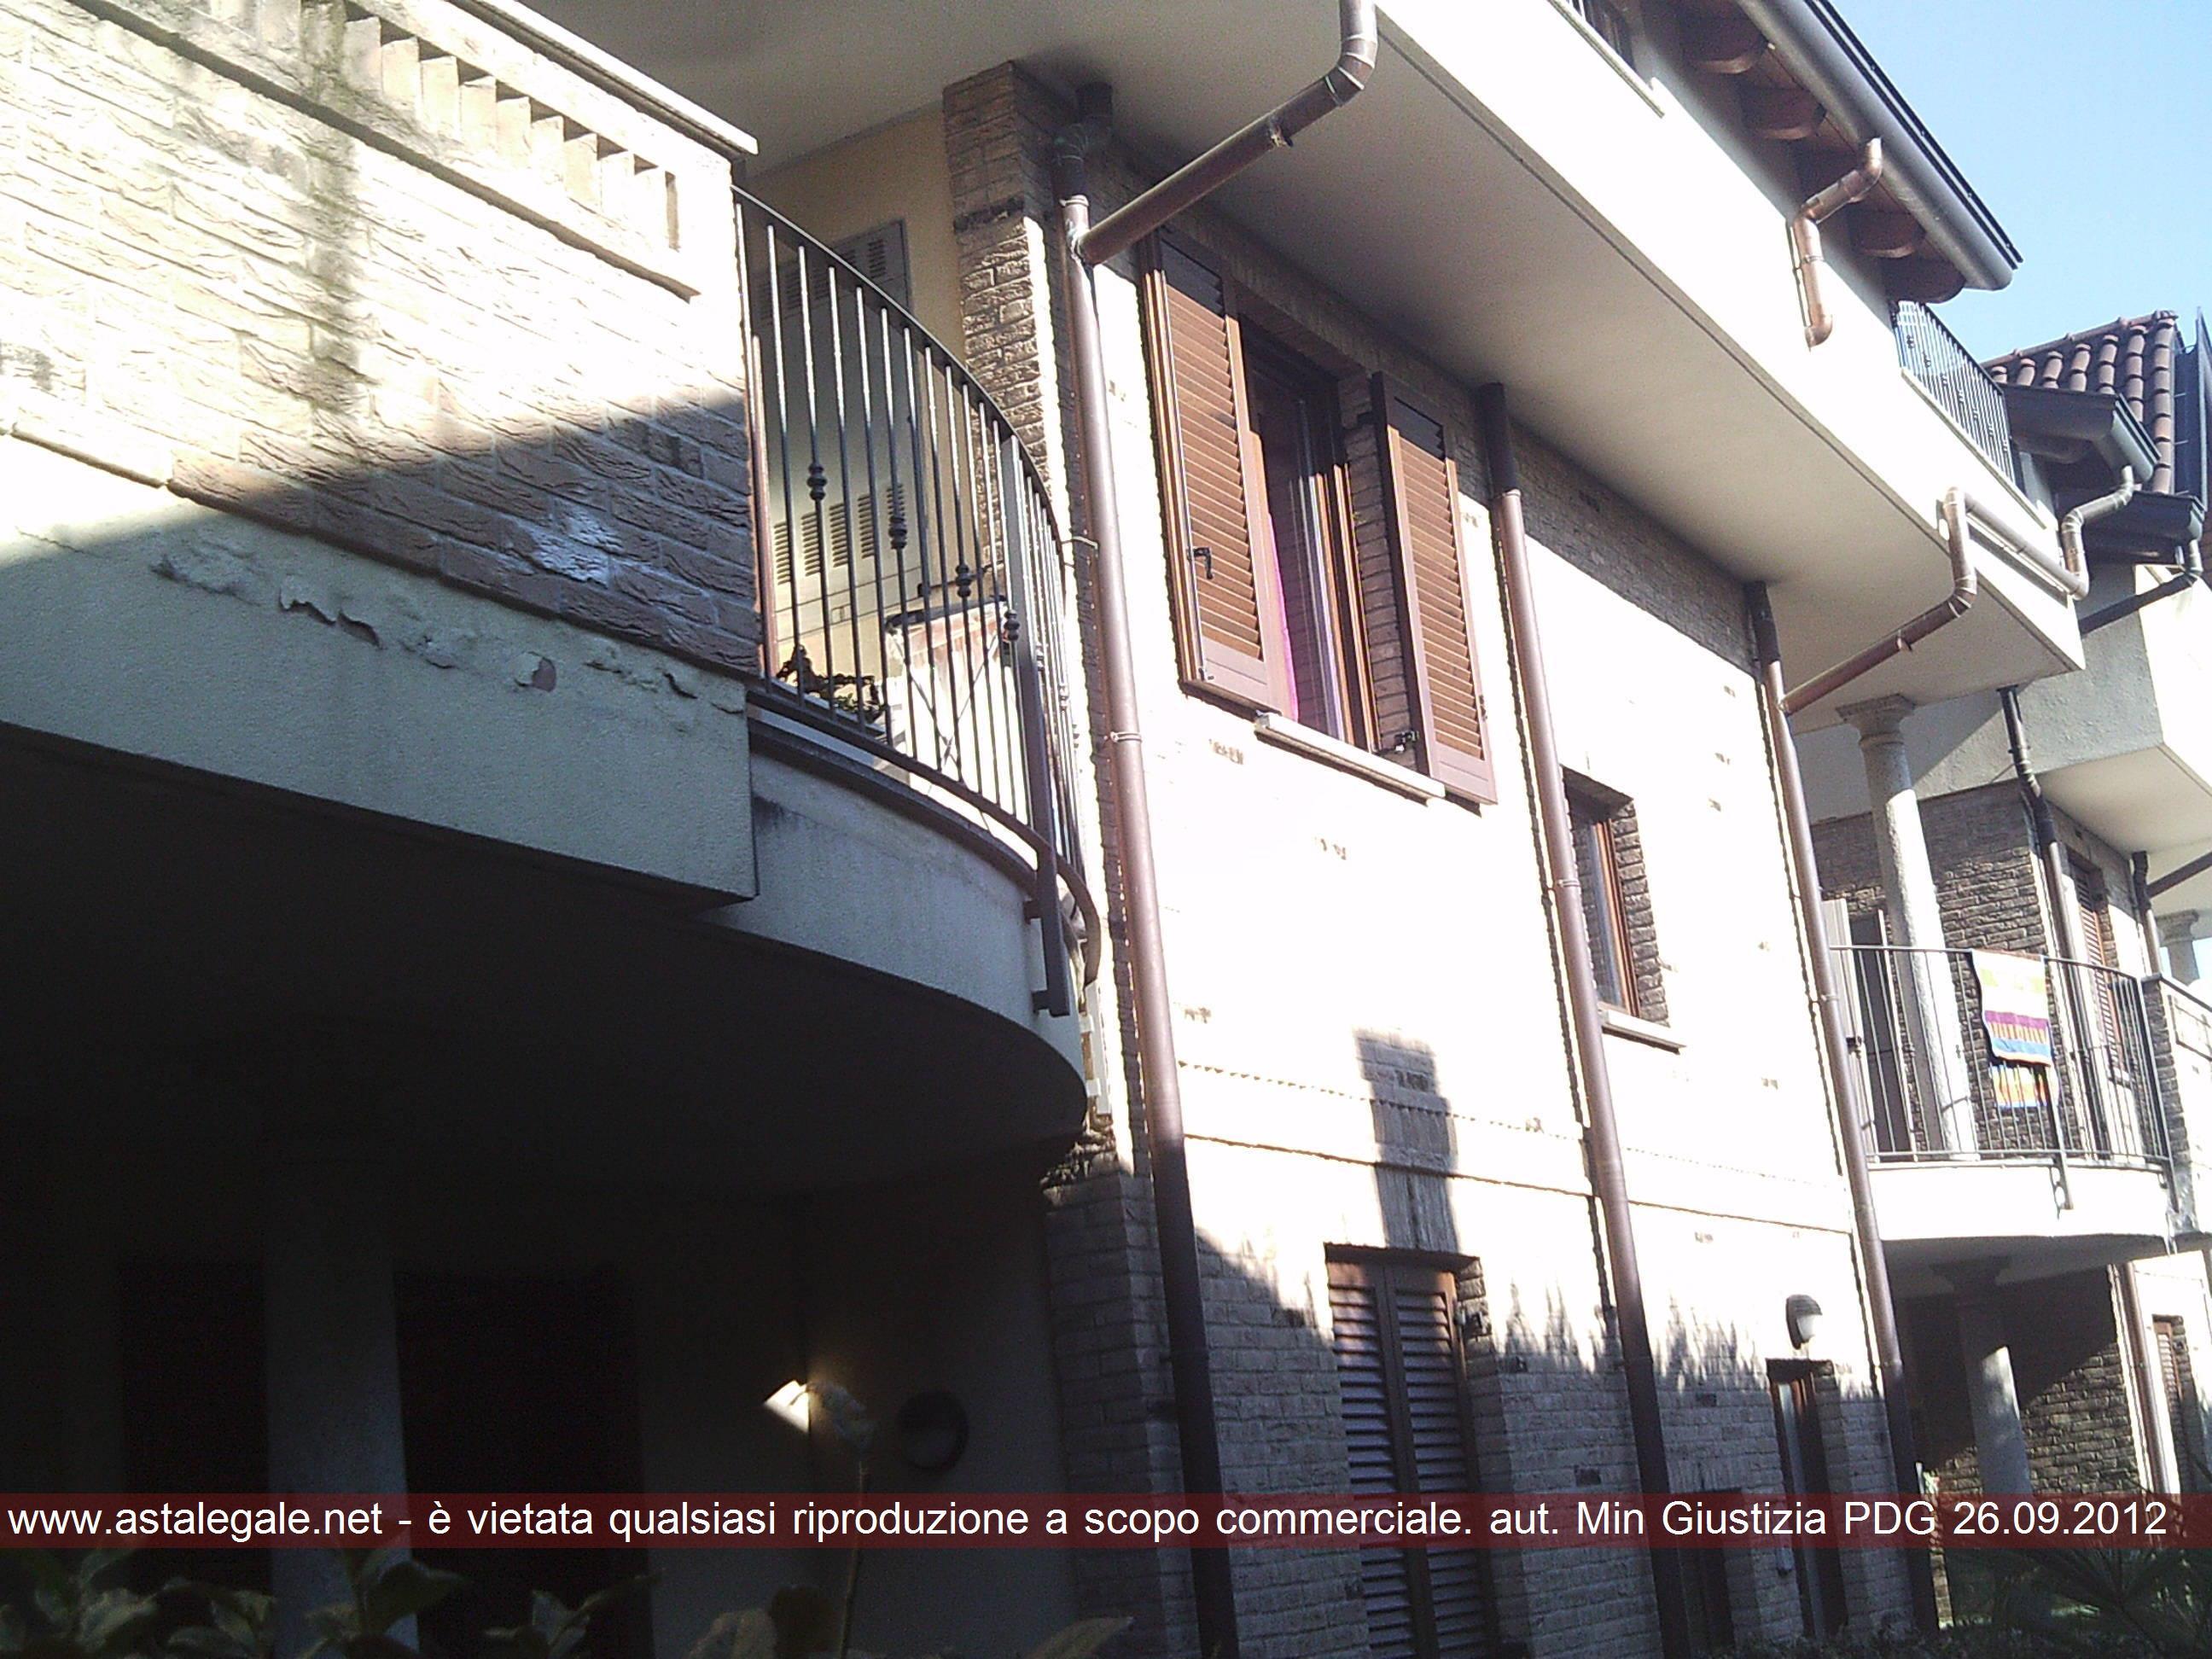 Verano Brianza (MB) Via Padania 46